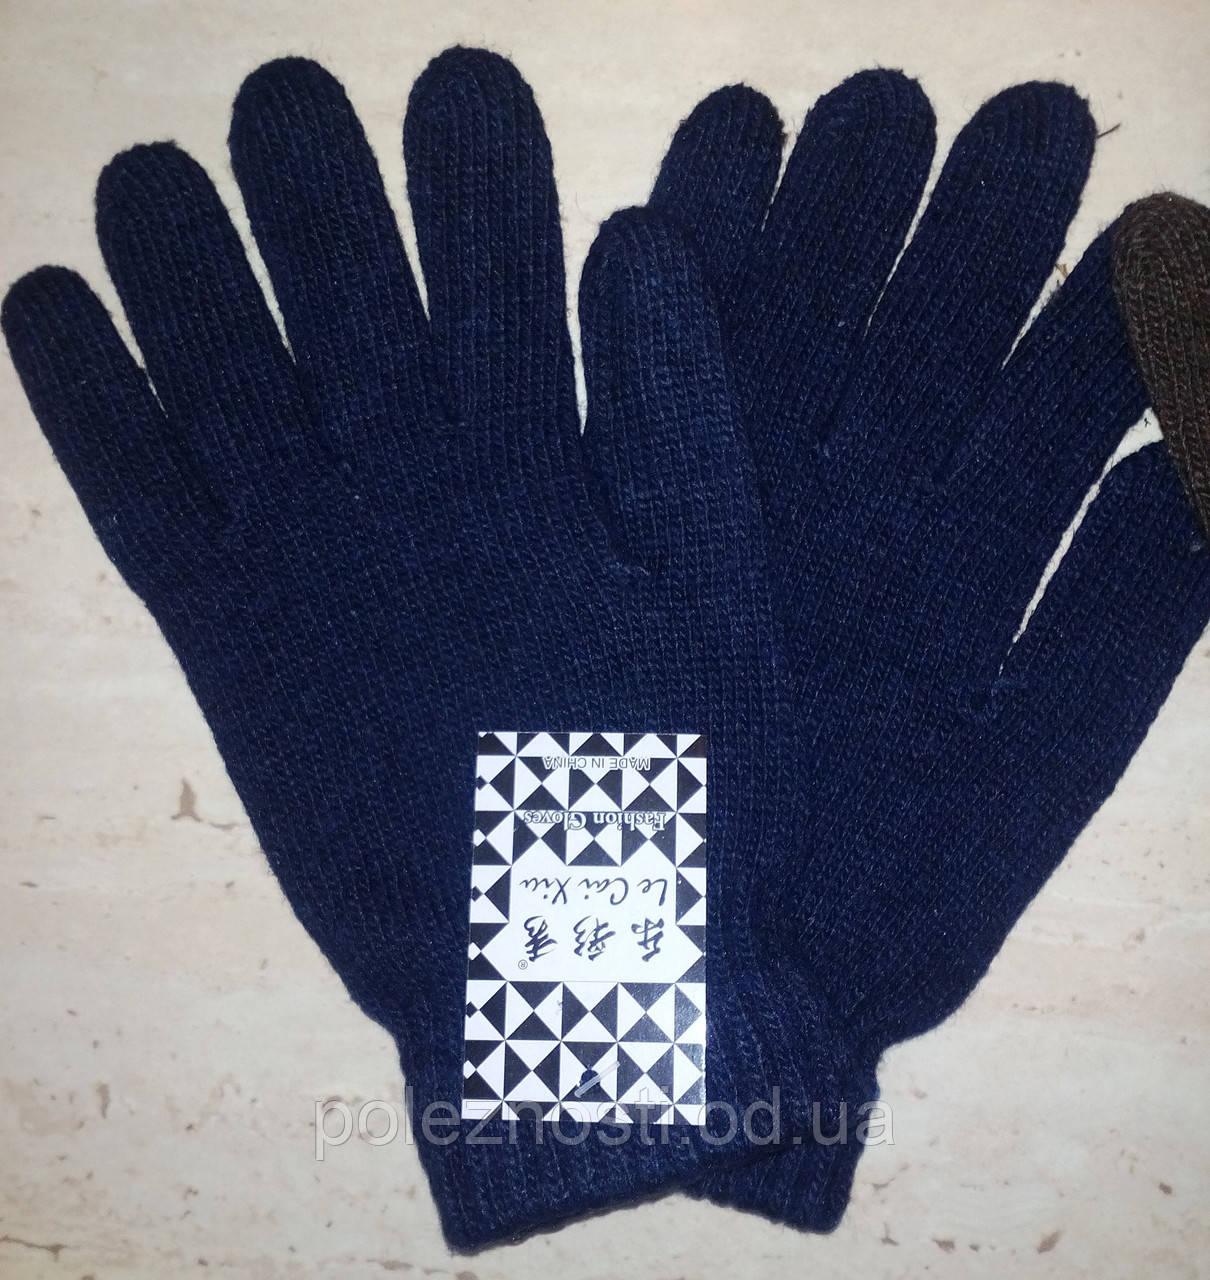 Перчатки теплые, синие